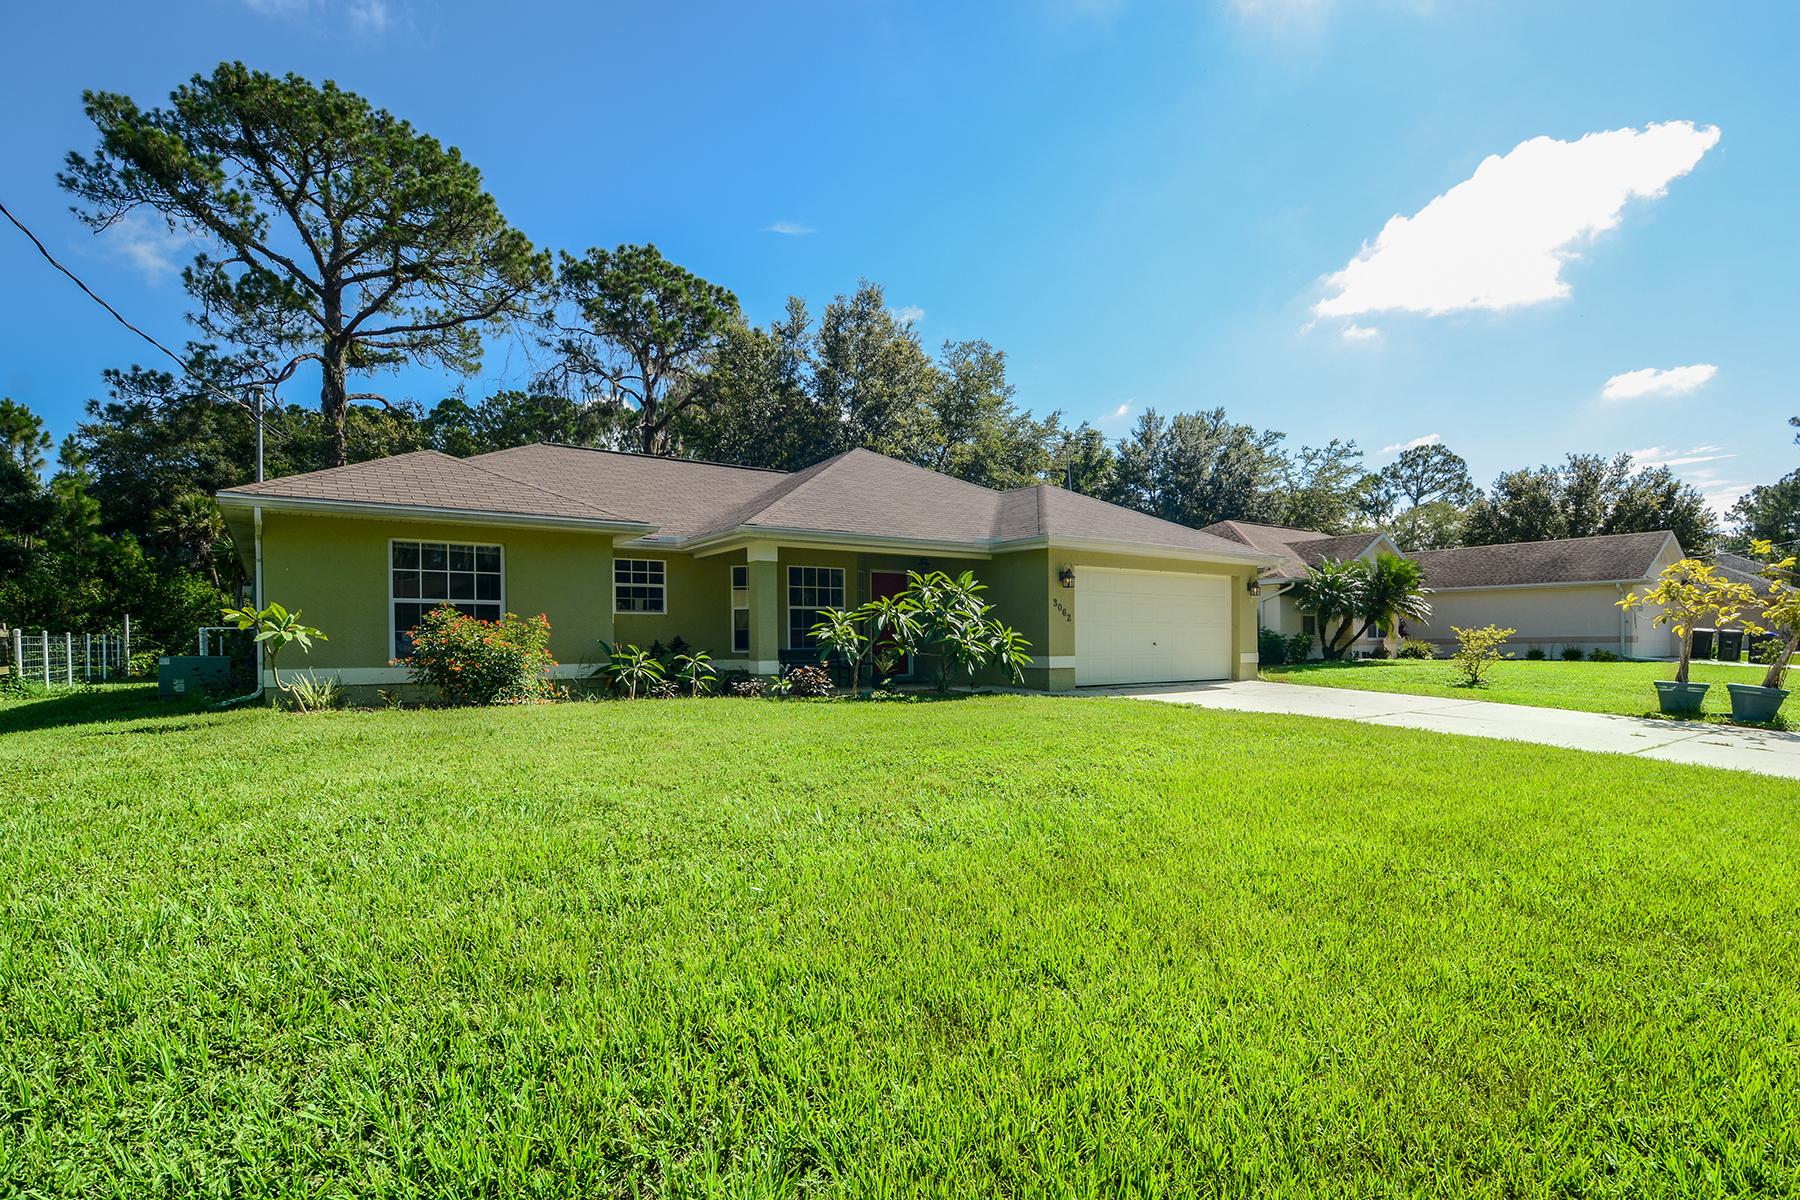 一戸建て のために 売買 アット NORTH PORT 3062 Sikeston Ave North Port, フロリダ 34286 アメリカ合衆国